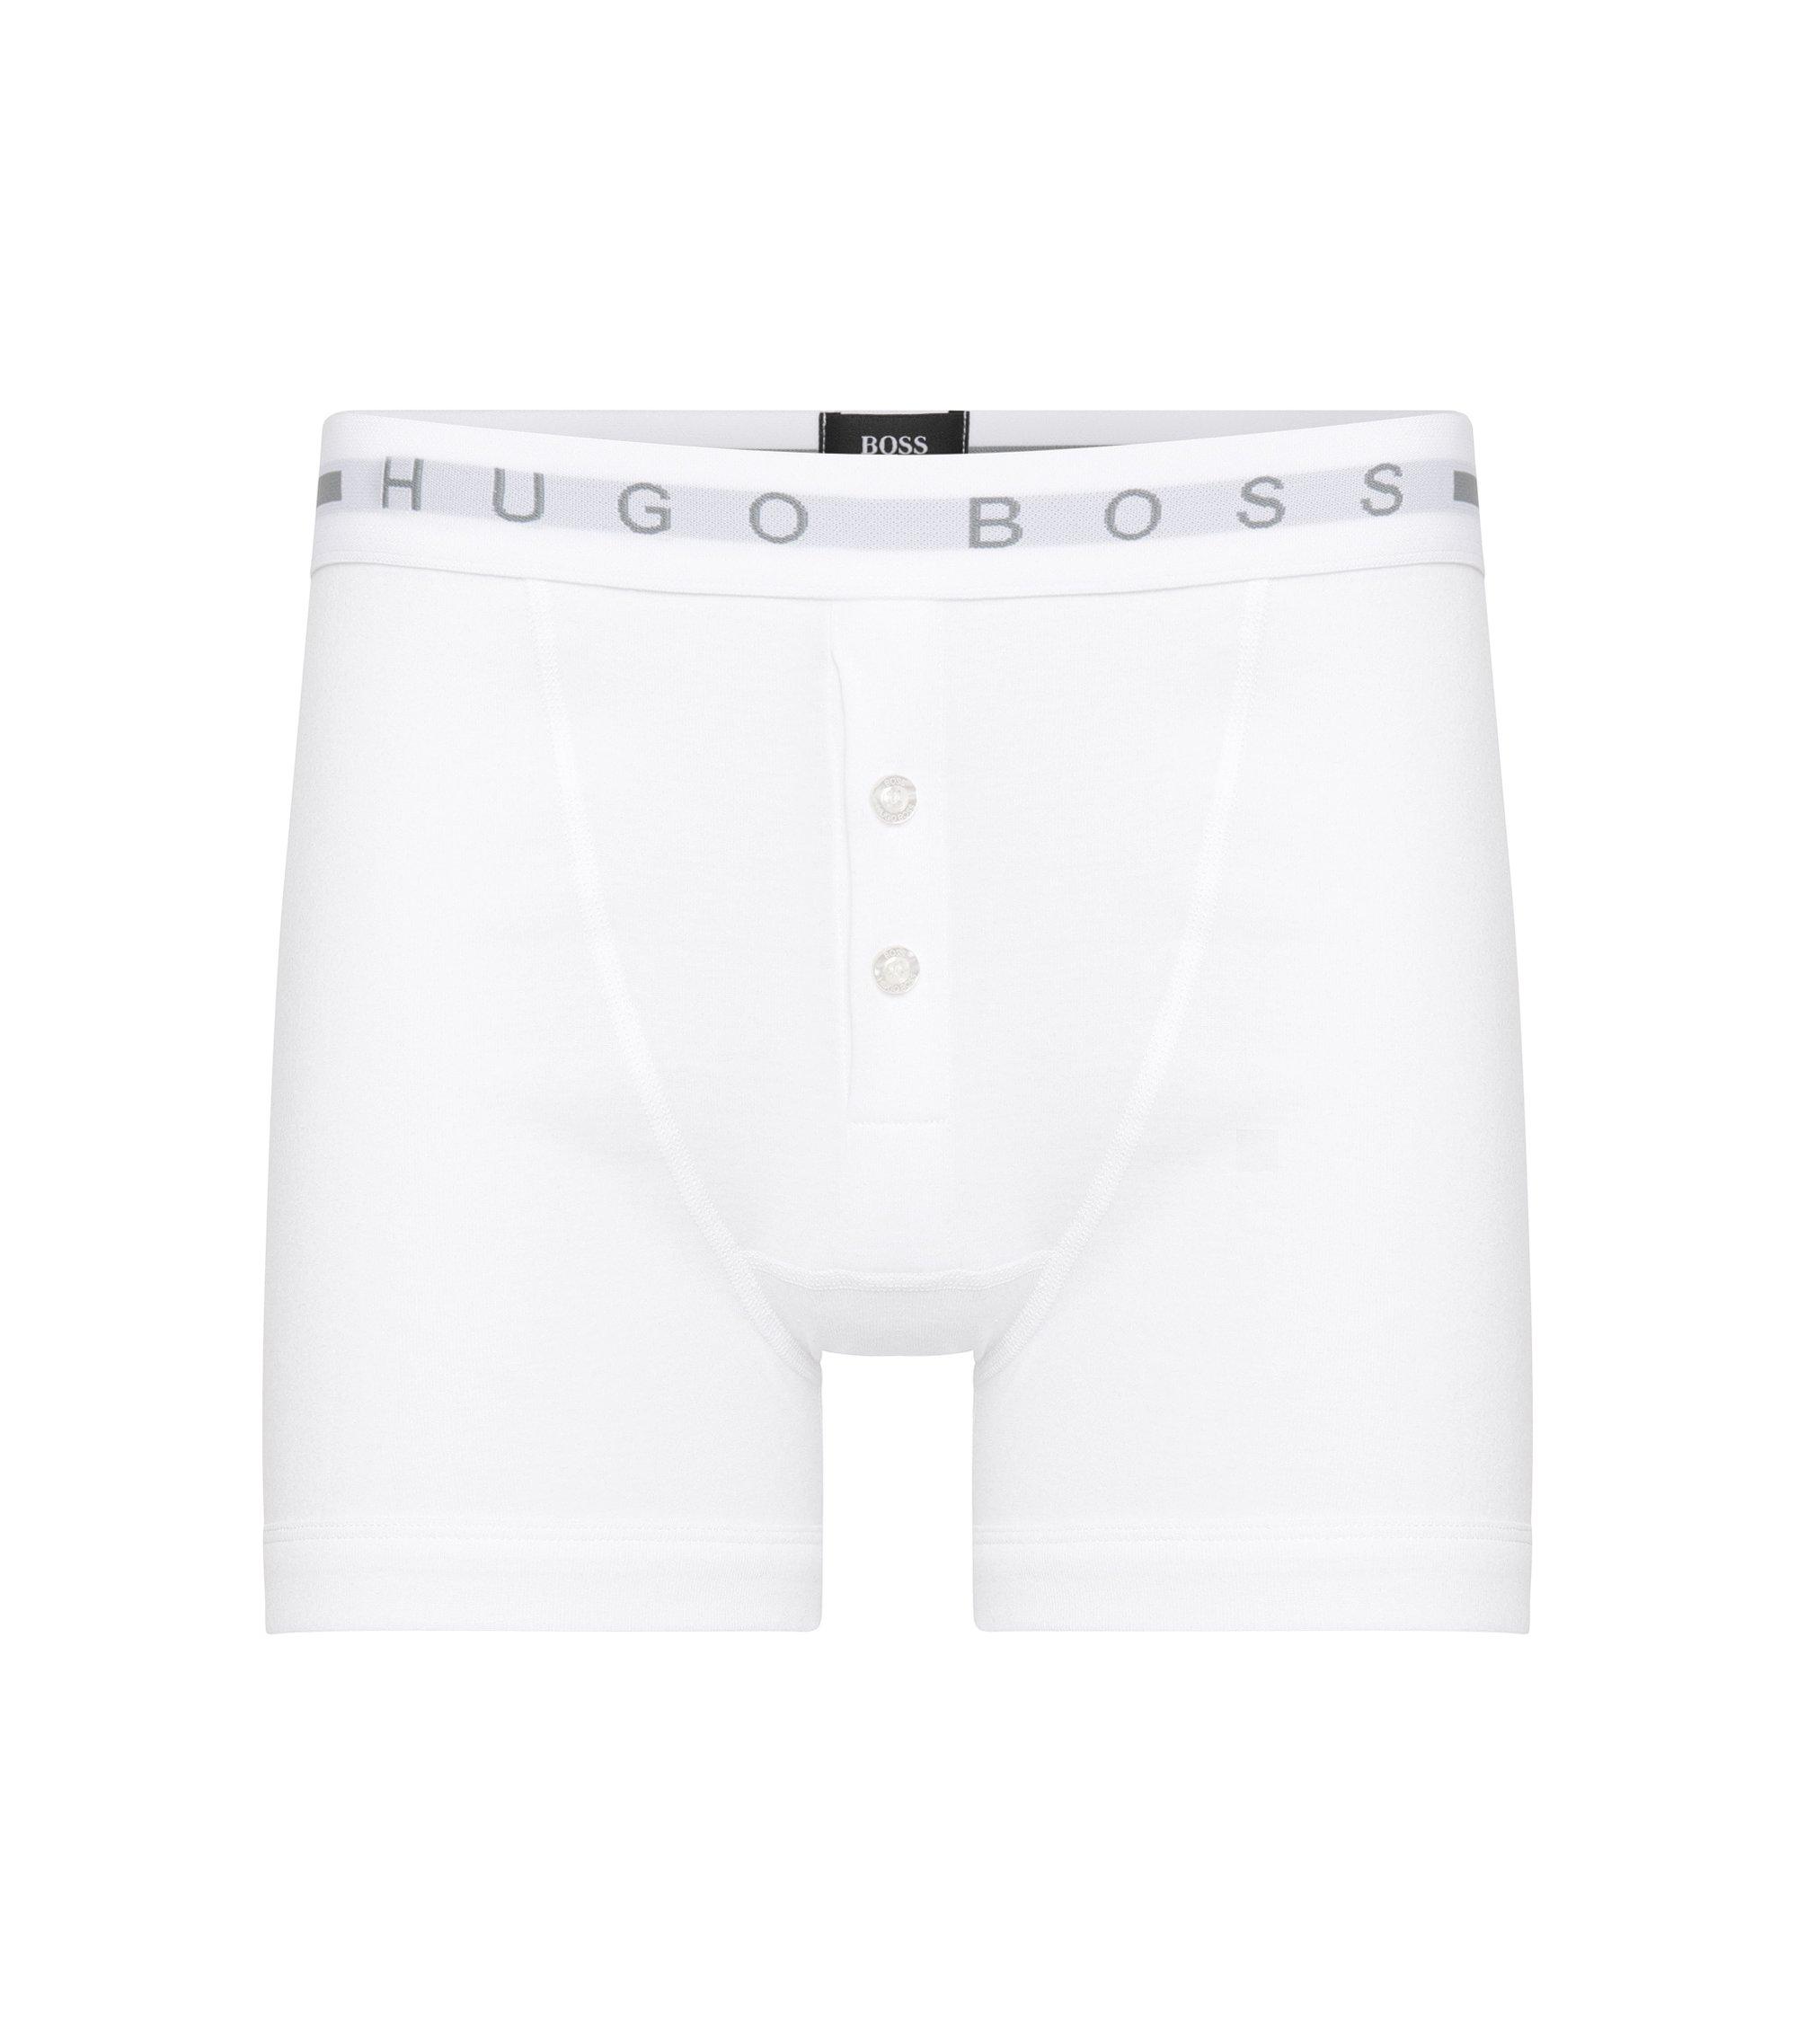 Gerippte Boxershorts aus Baumwolle mit Knöpfen, Weiß